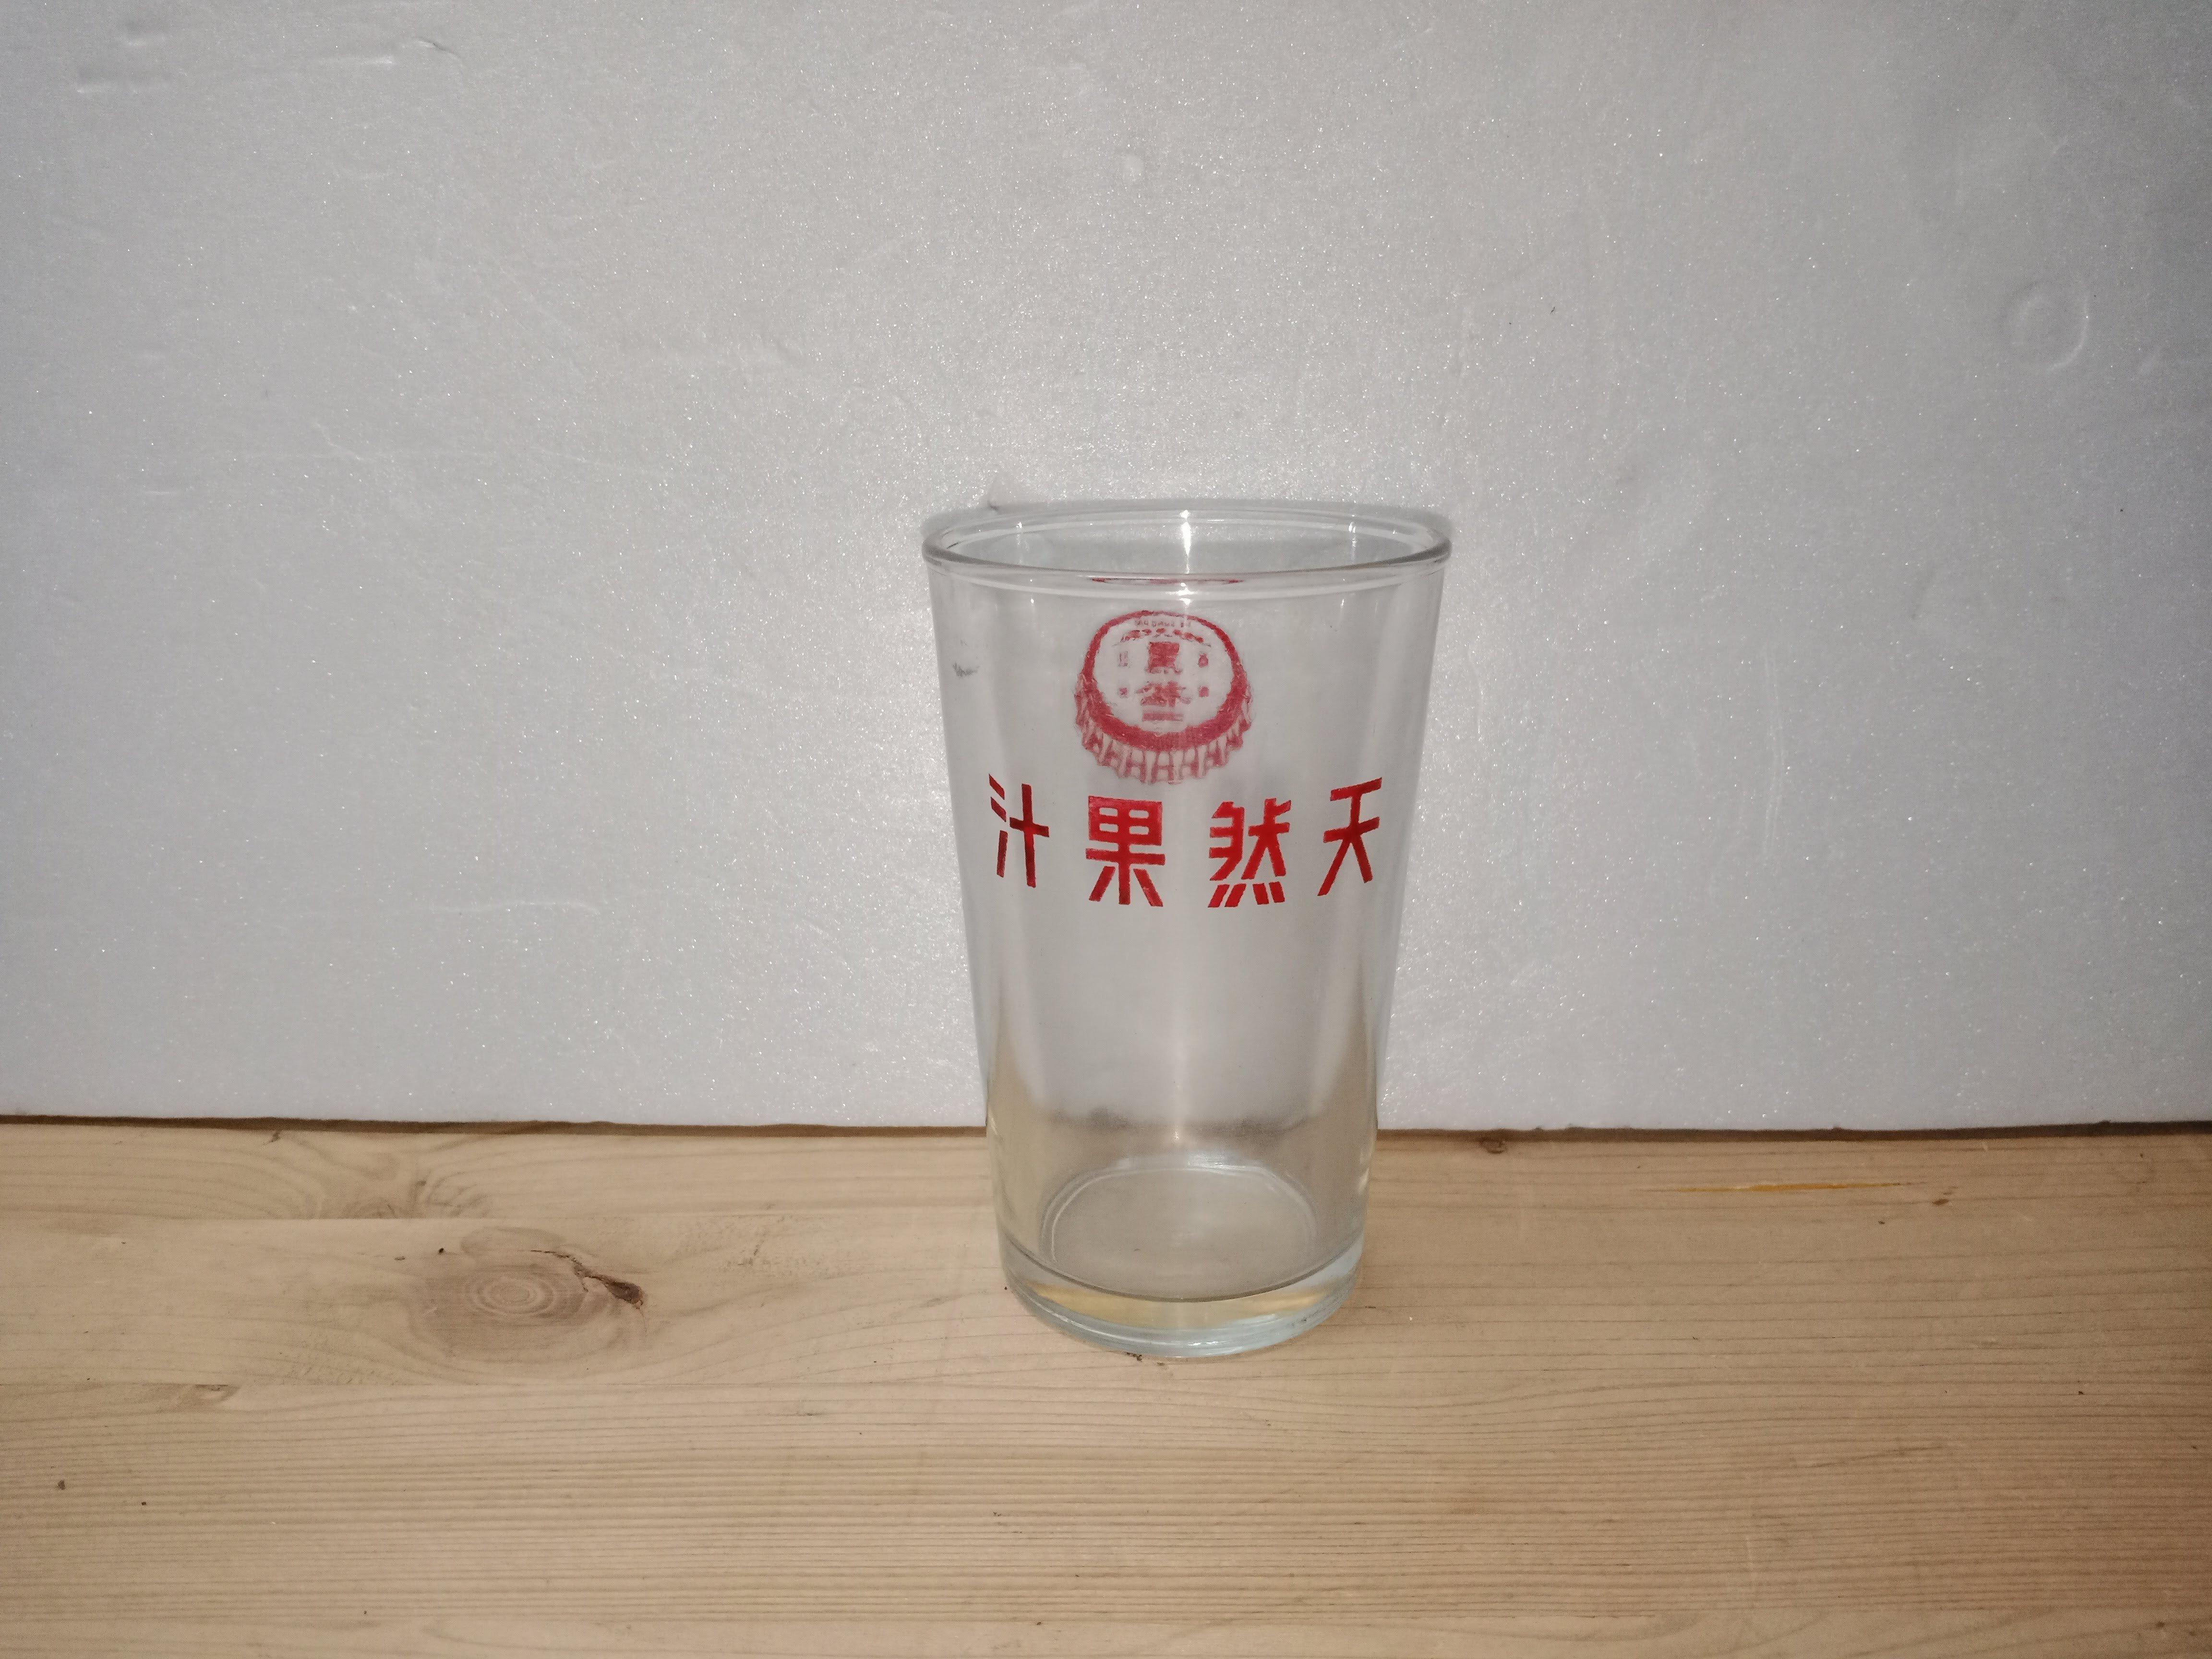 庄腳柑仔店~早期企業玻璃杯水杯黑松天然果汁瓶蓋杯單杯價LBC